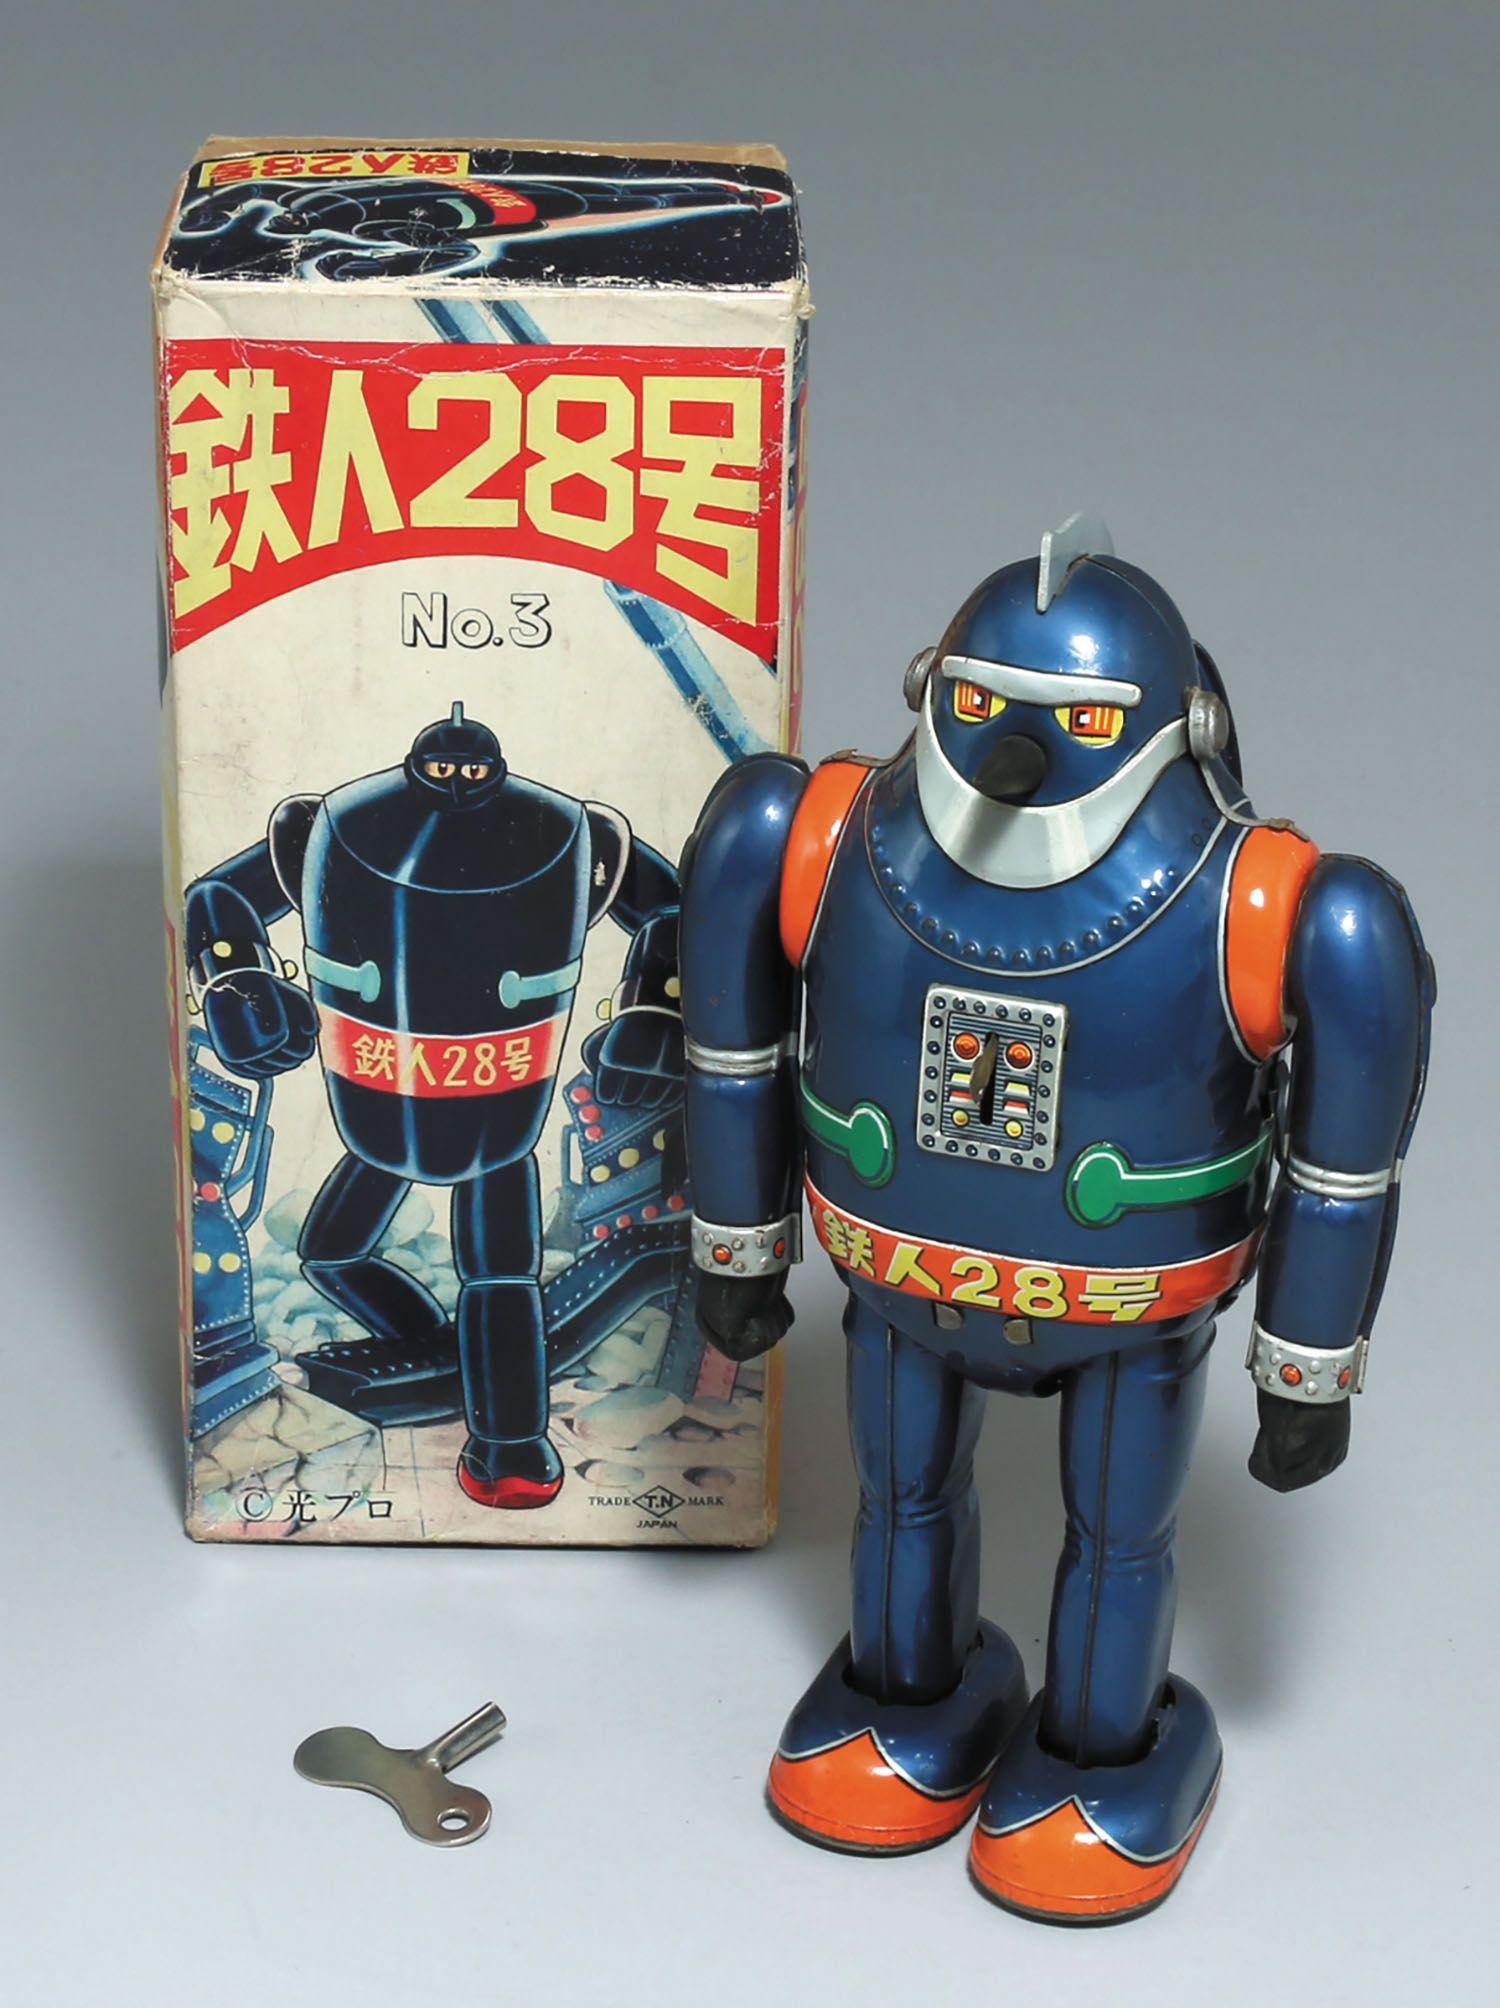 野村トーイ 日本製 鉄人28号no 3 ヴィンテージのロボット 日本のおもちゃ 鉄人